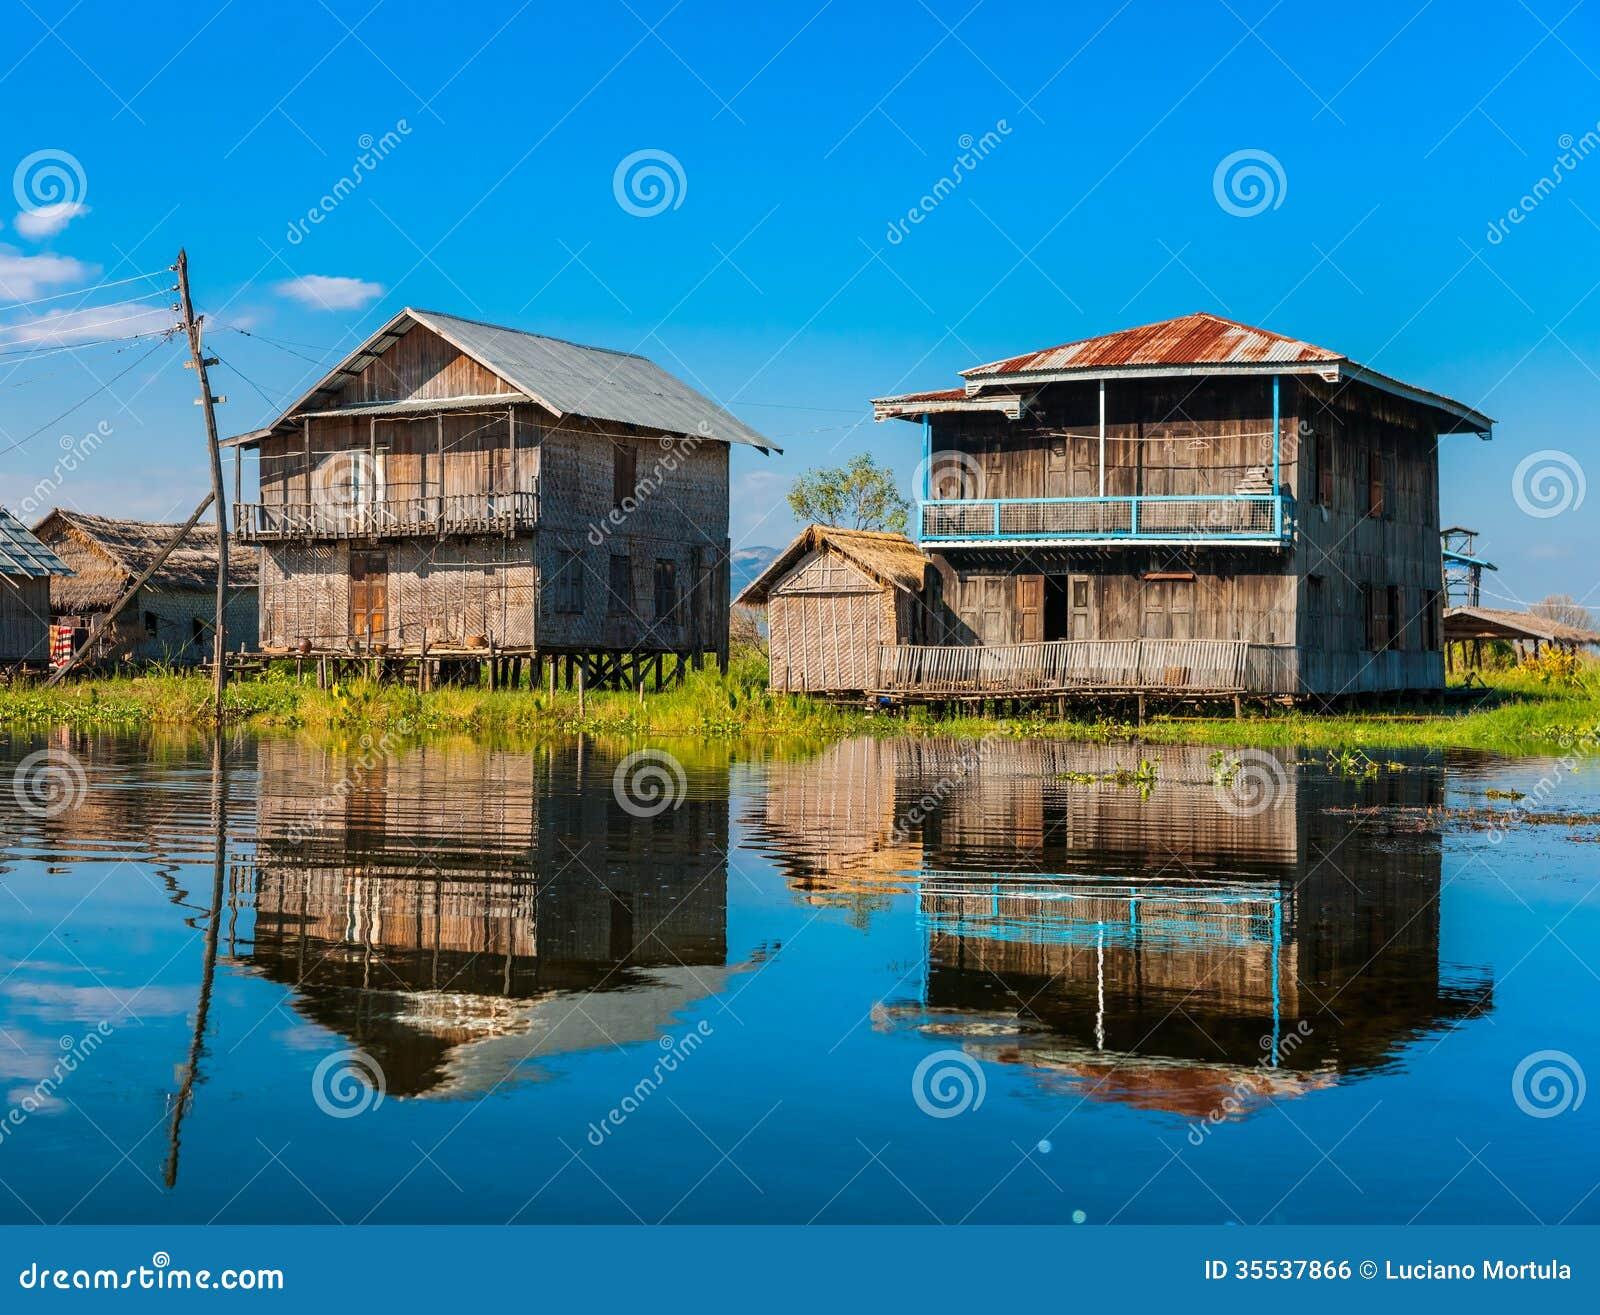 Inle Lake Myanmar Royalty Free Stock Image Image 35537866